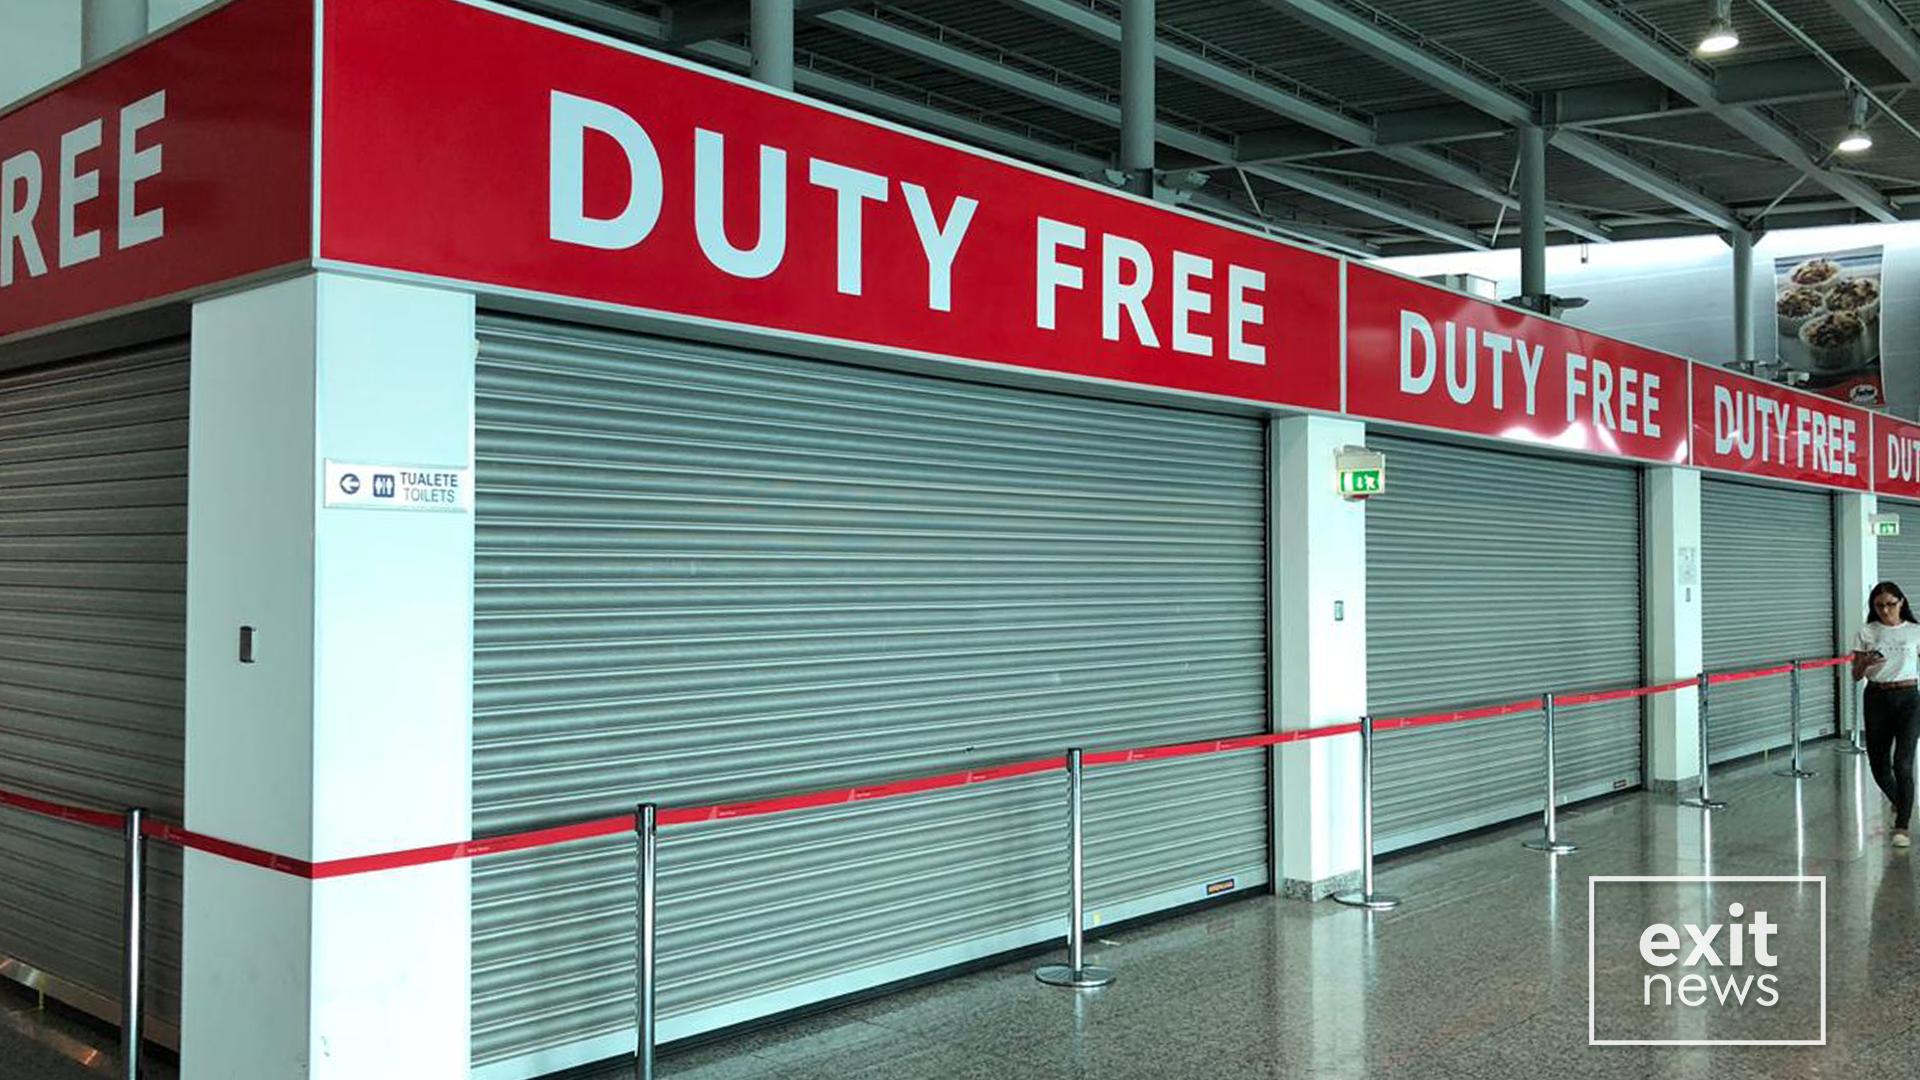 Konflikti për zonën pa taksa në aeroport tregon sfidat që përballin investimet e huaja në Shqipëri